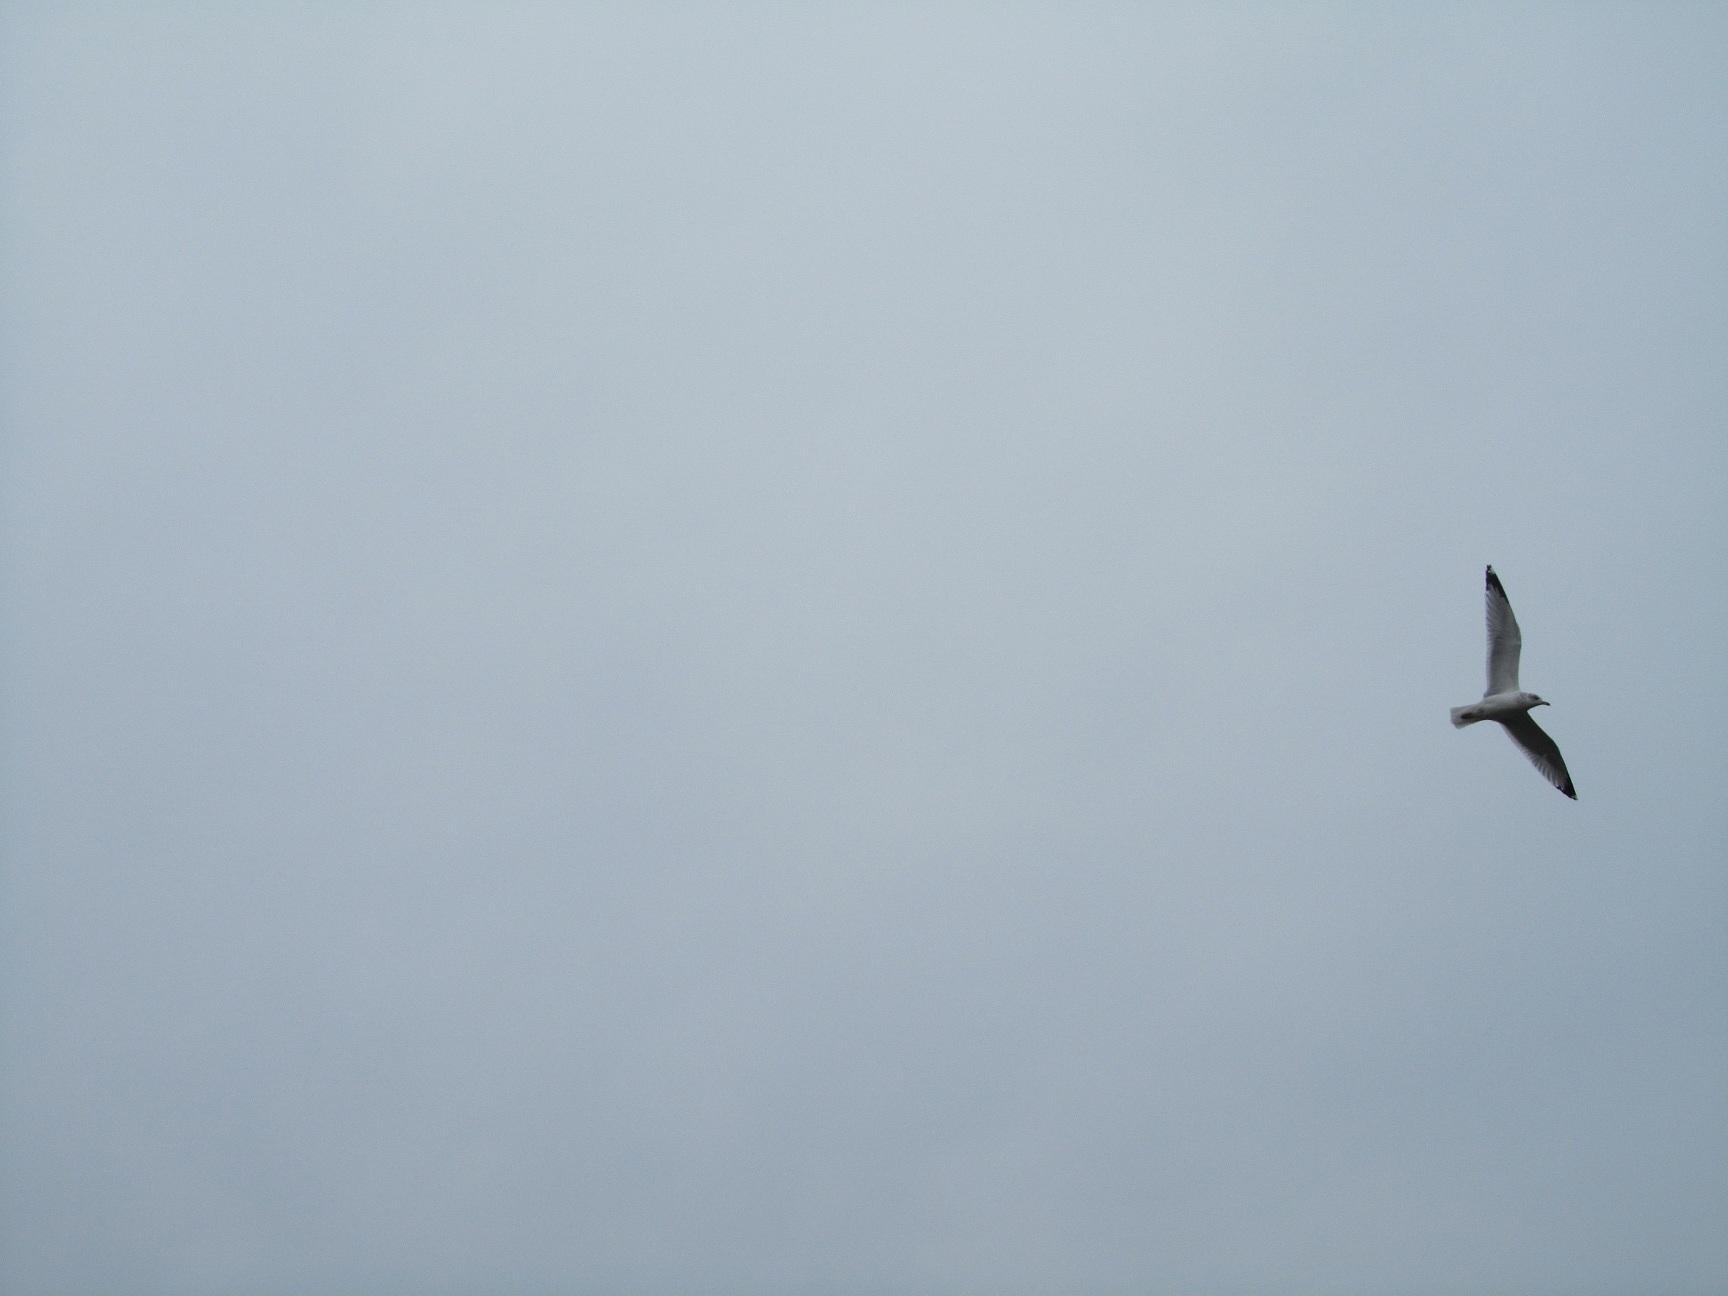 meeuwlucht